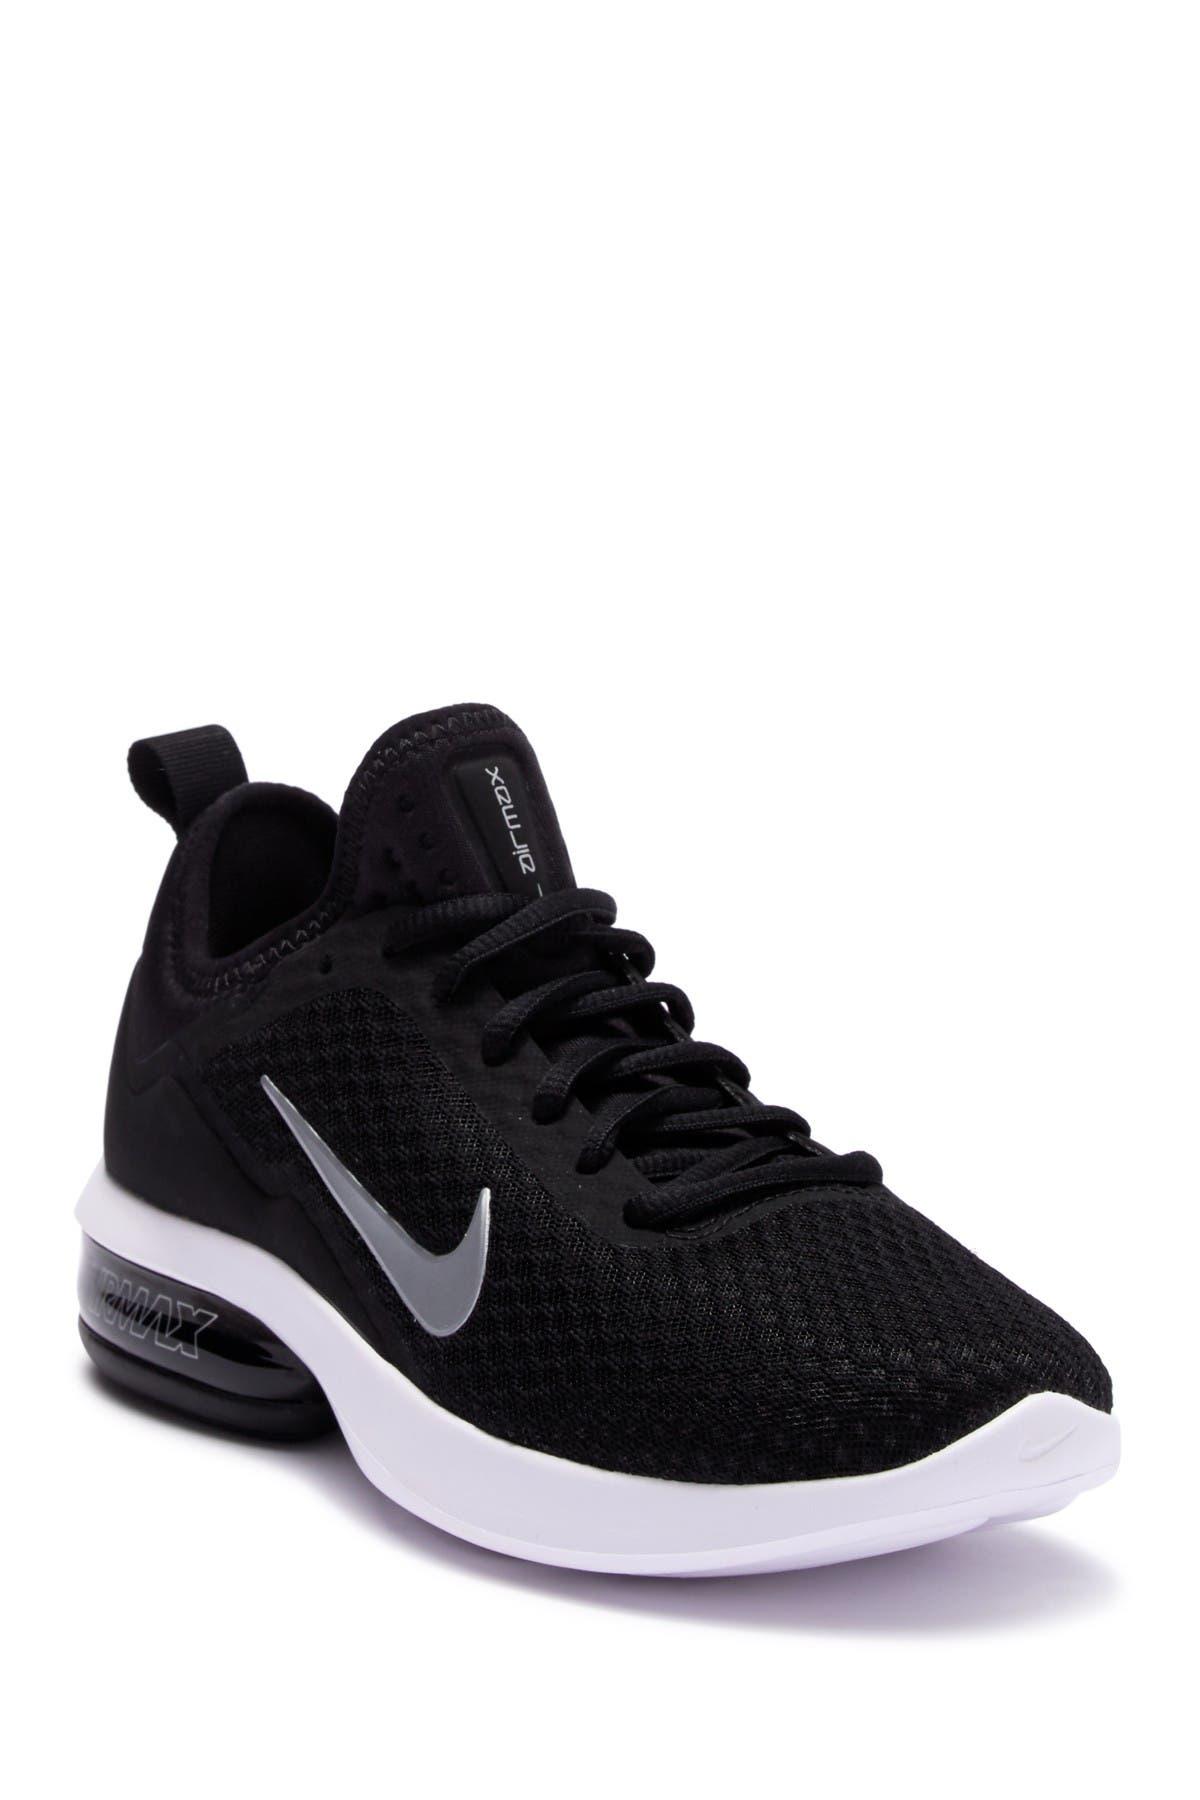 Nike | Air Max Kantara Sneaker